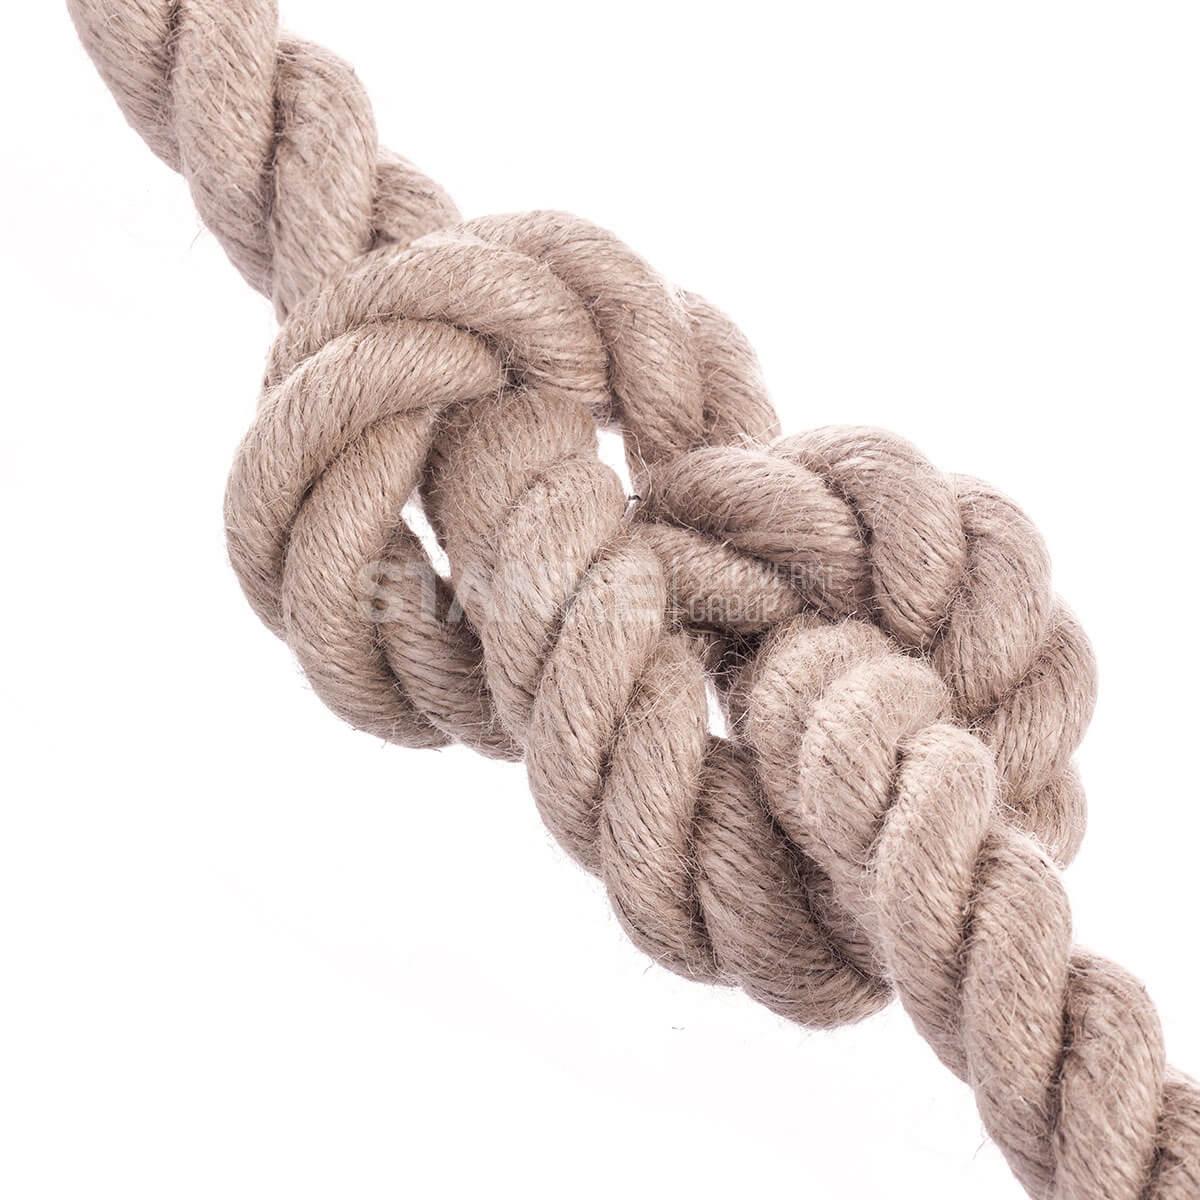 SFS JUTESEIL 6mm 40mm Tauwerk Seile Leine Rope Naturhanf Hanfseil Tauziehen Jute Tauziehen Absperrseil Handlauf Dekoration DIY IST-Bild